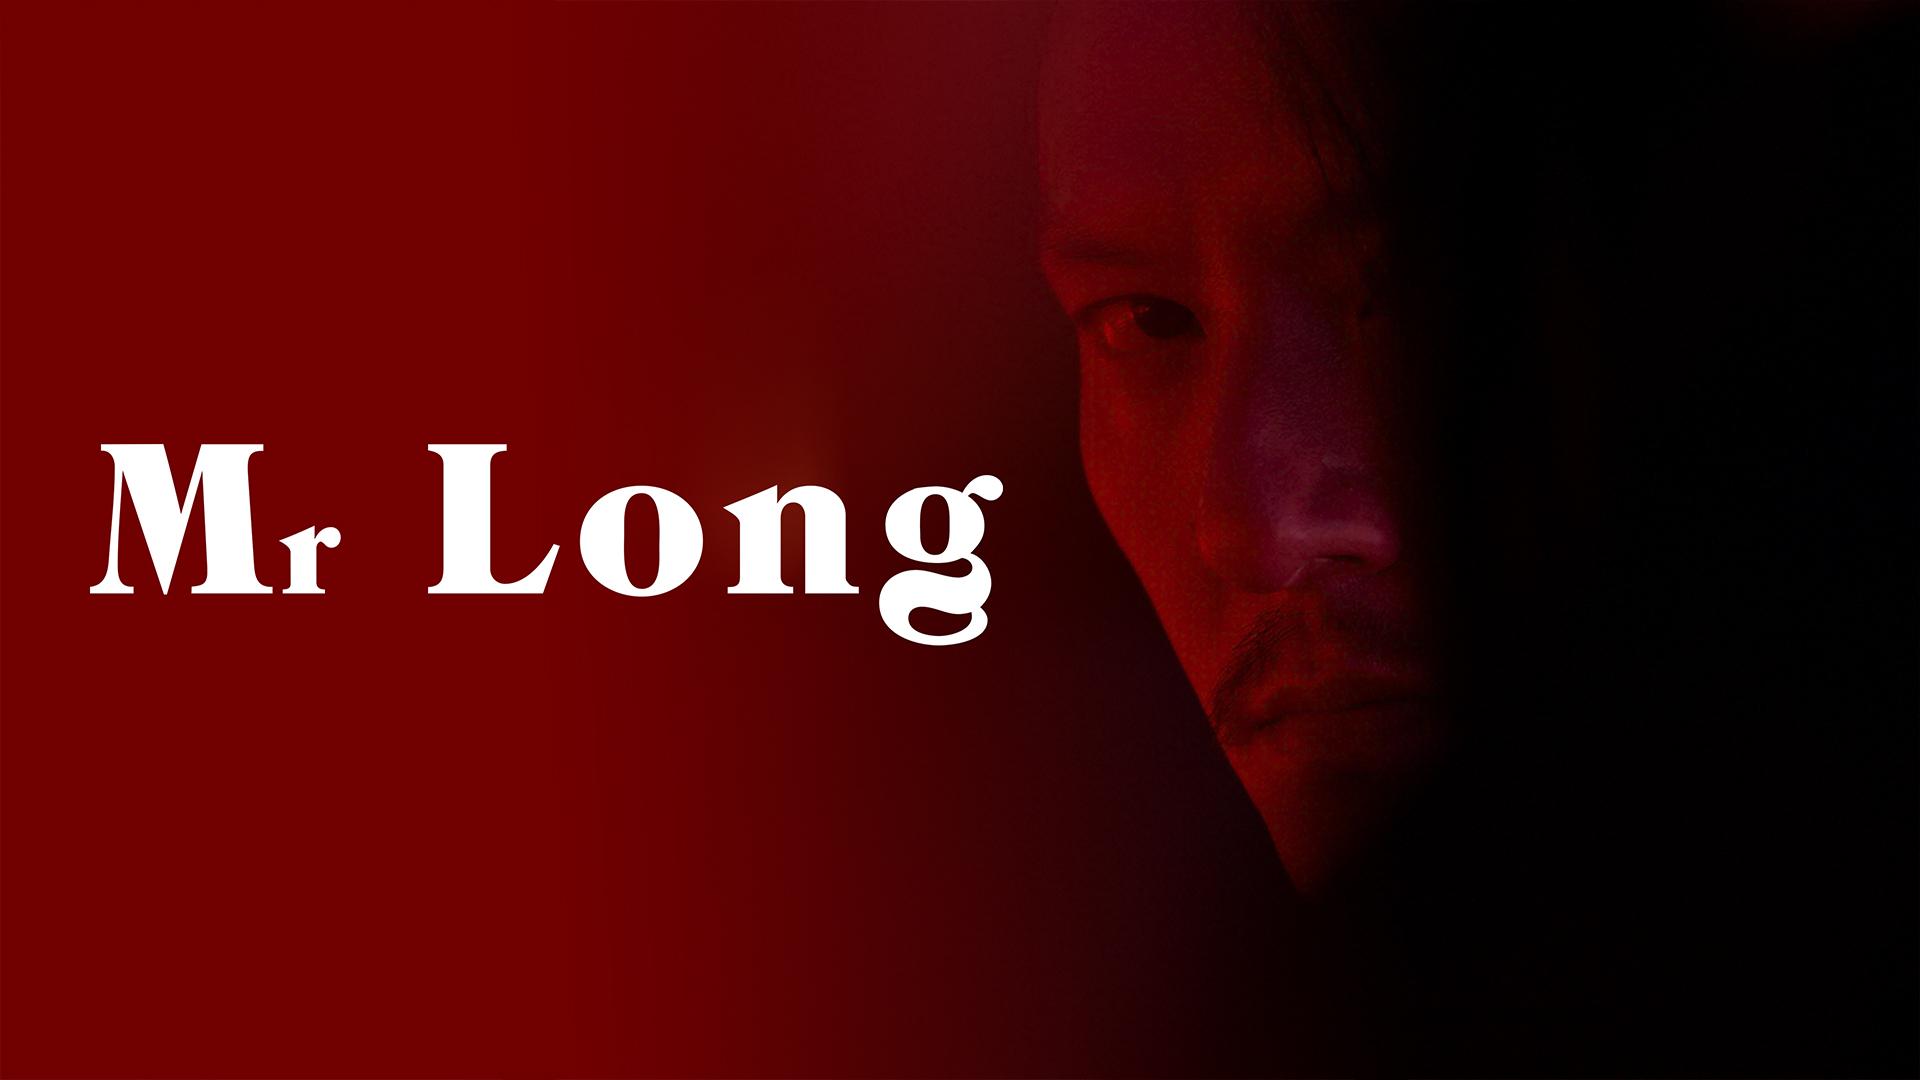 Mr. Long [Omu]